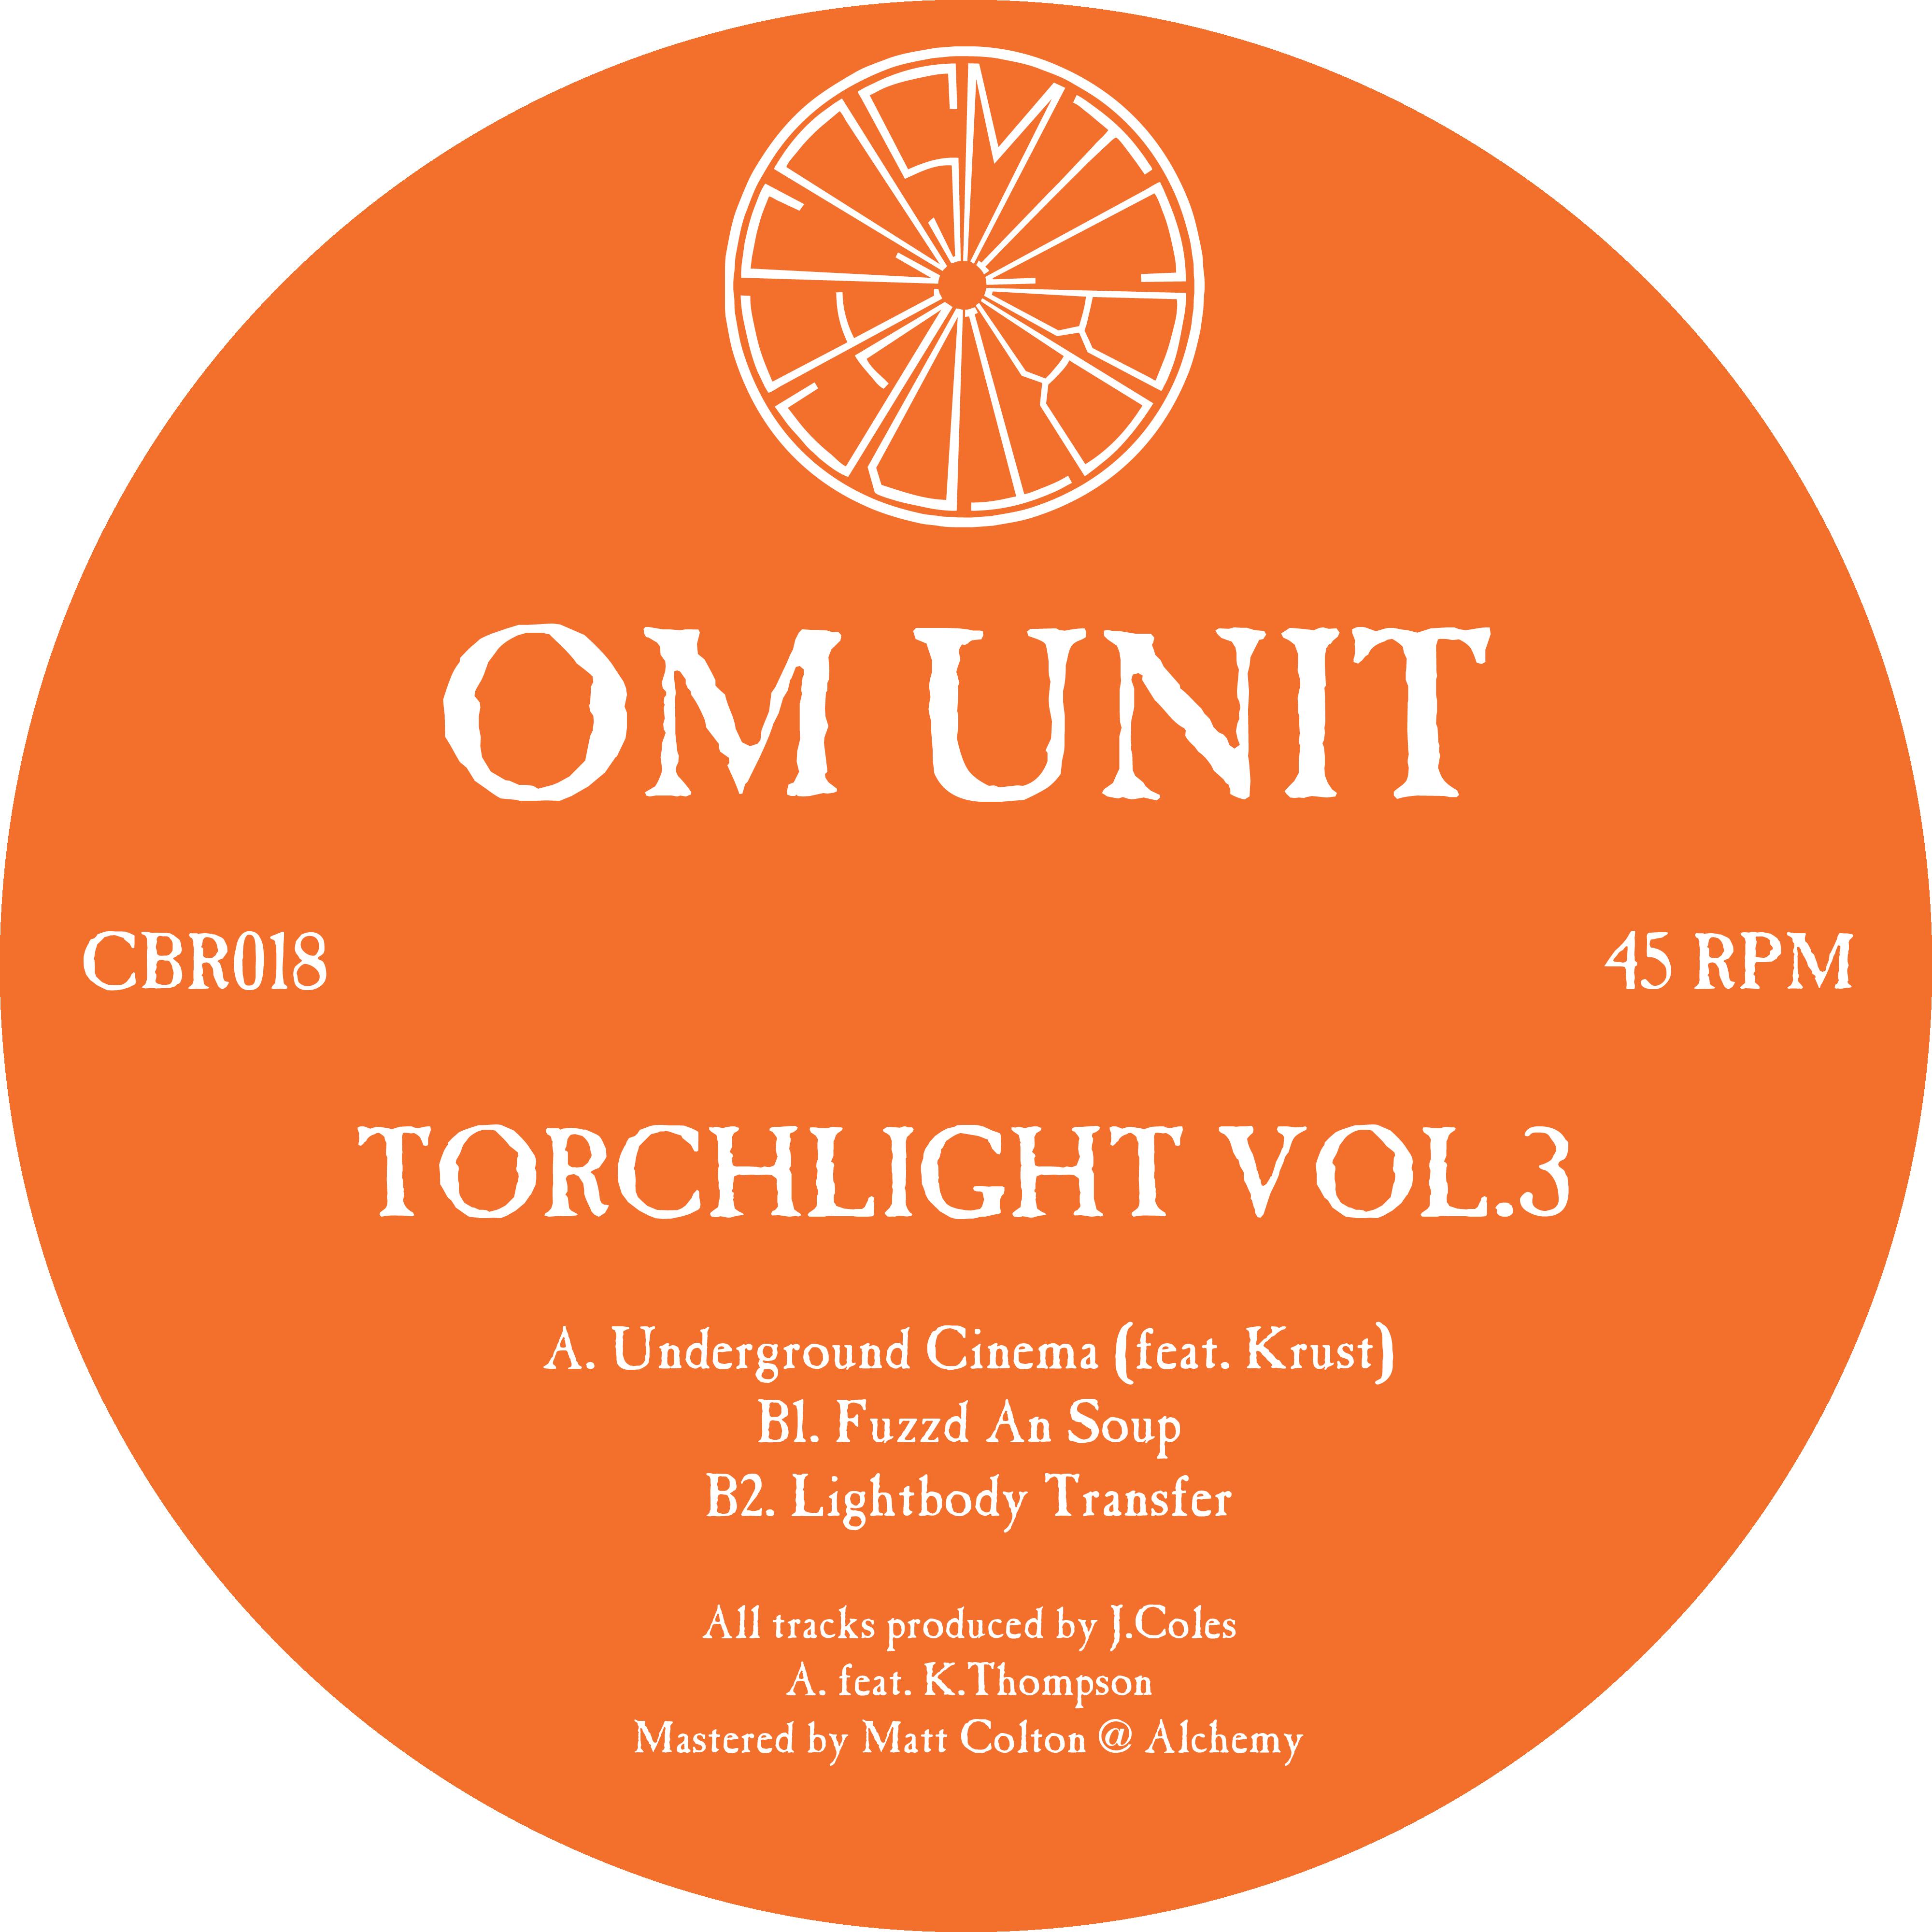 cbr018-om-unit-torchlight-vol-3-side-a